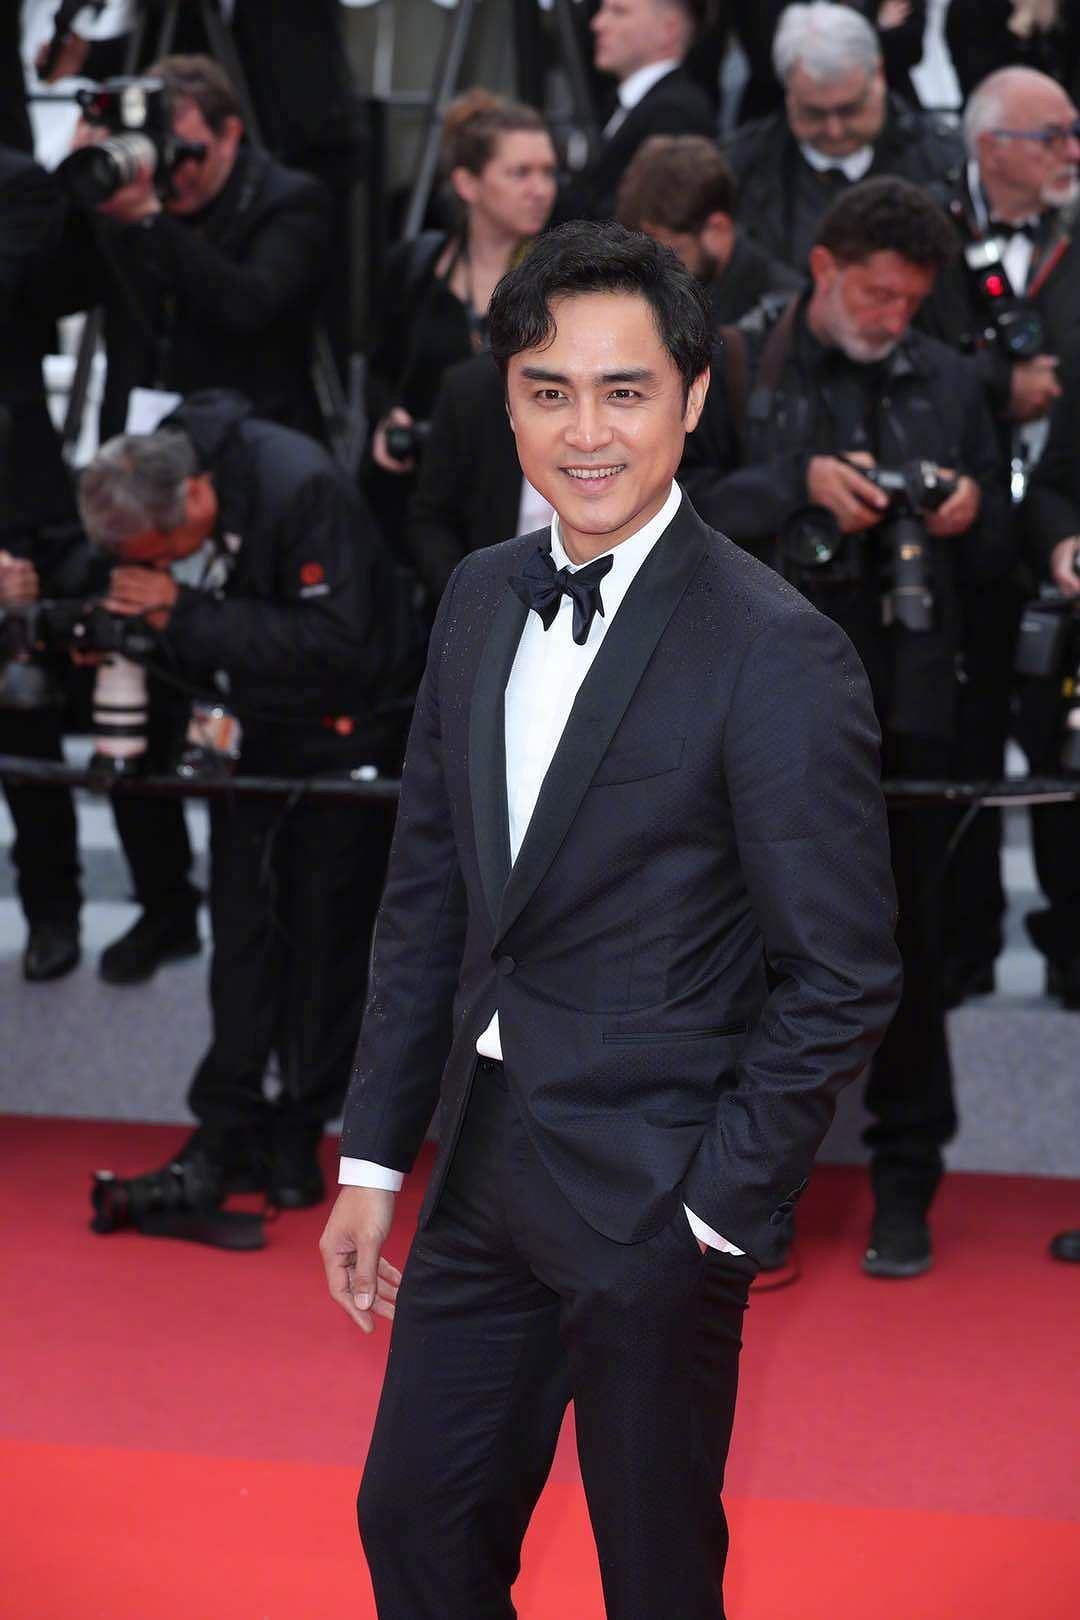 Siêu mẫu đồ nhỏ mặc như không, dàn nam vũ công quằn quại trên thảm đỏ Cannes - Hình 7